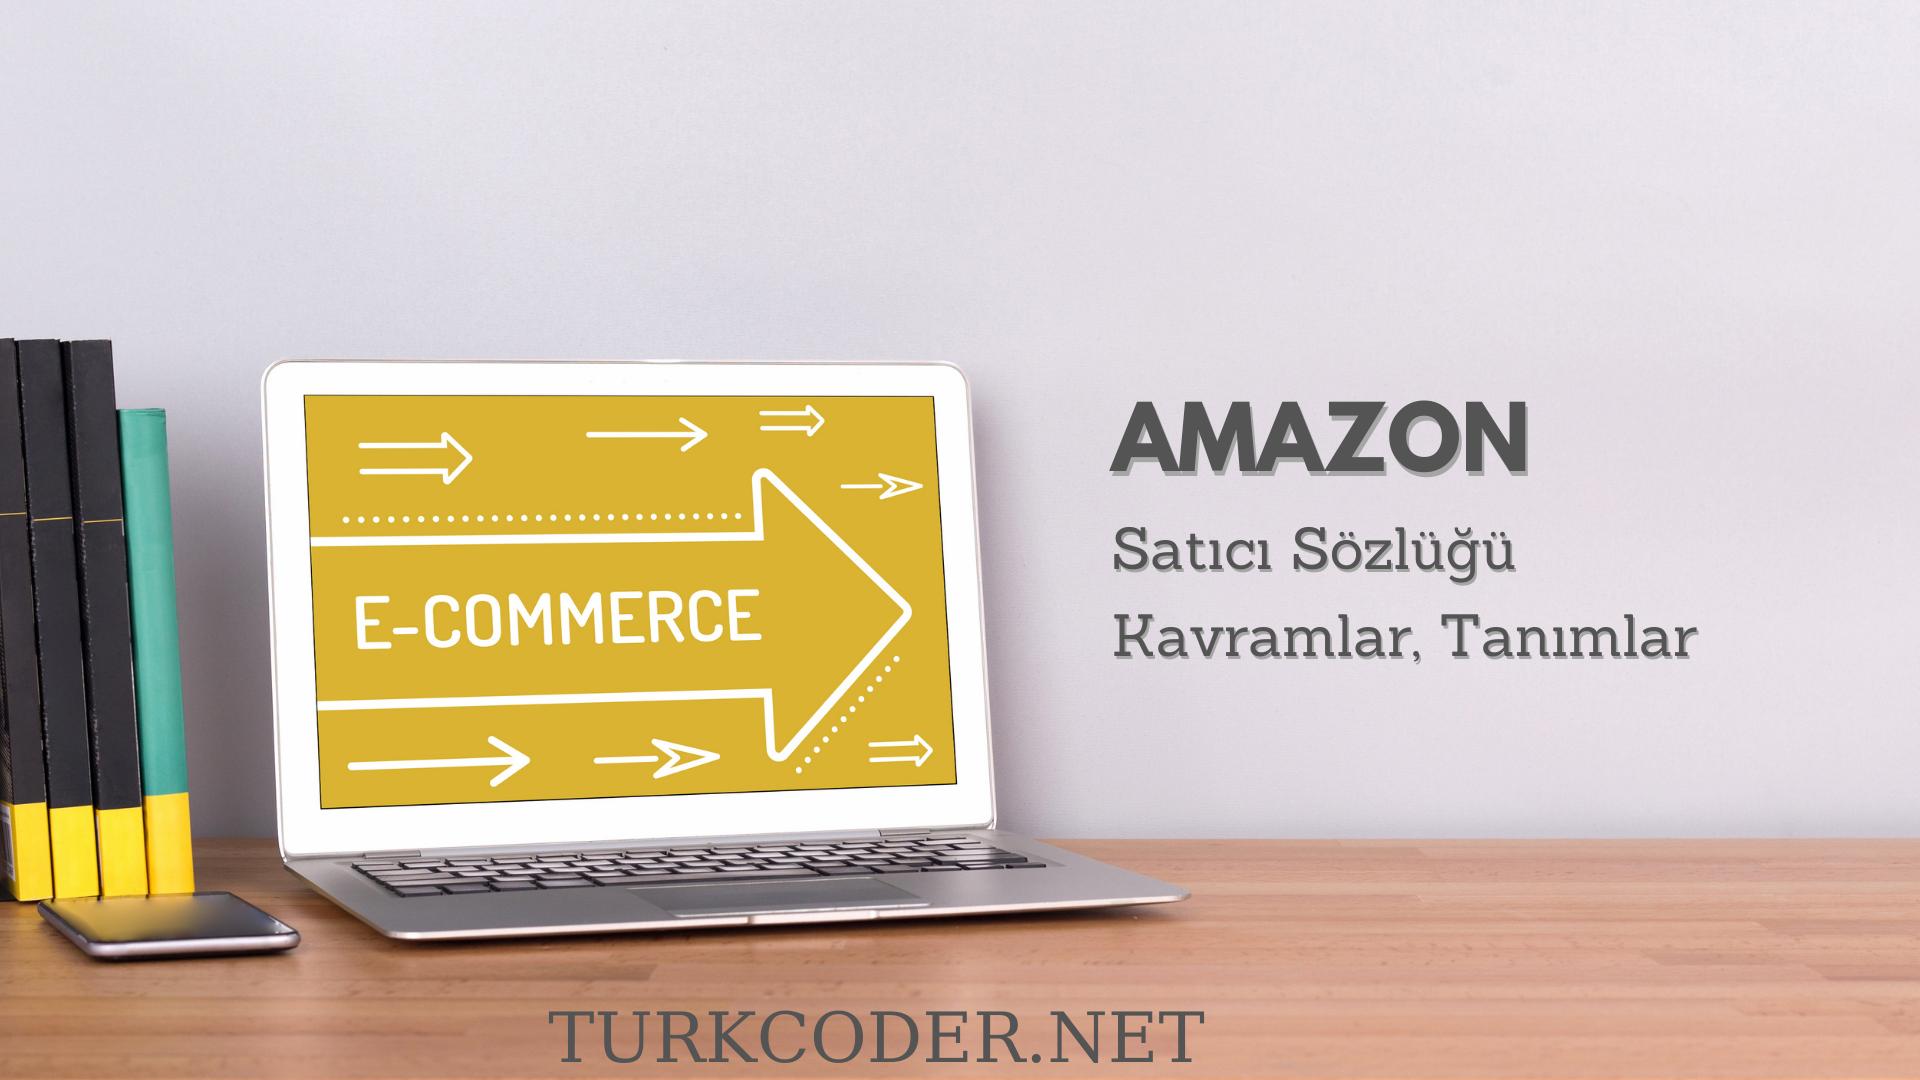 Amazon satıcı sözlüğü